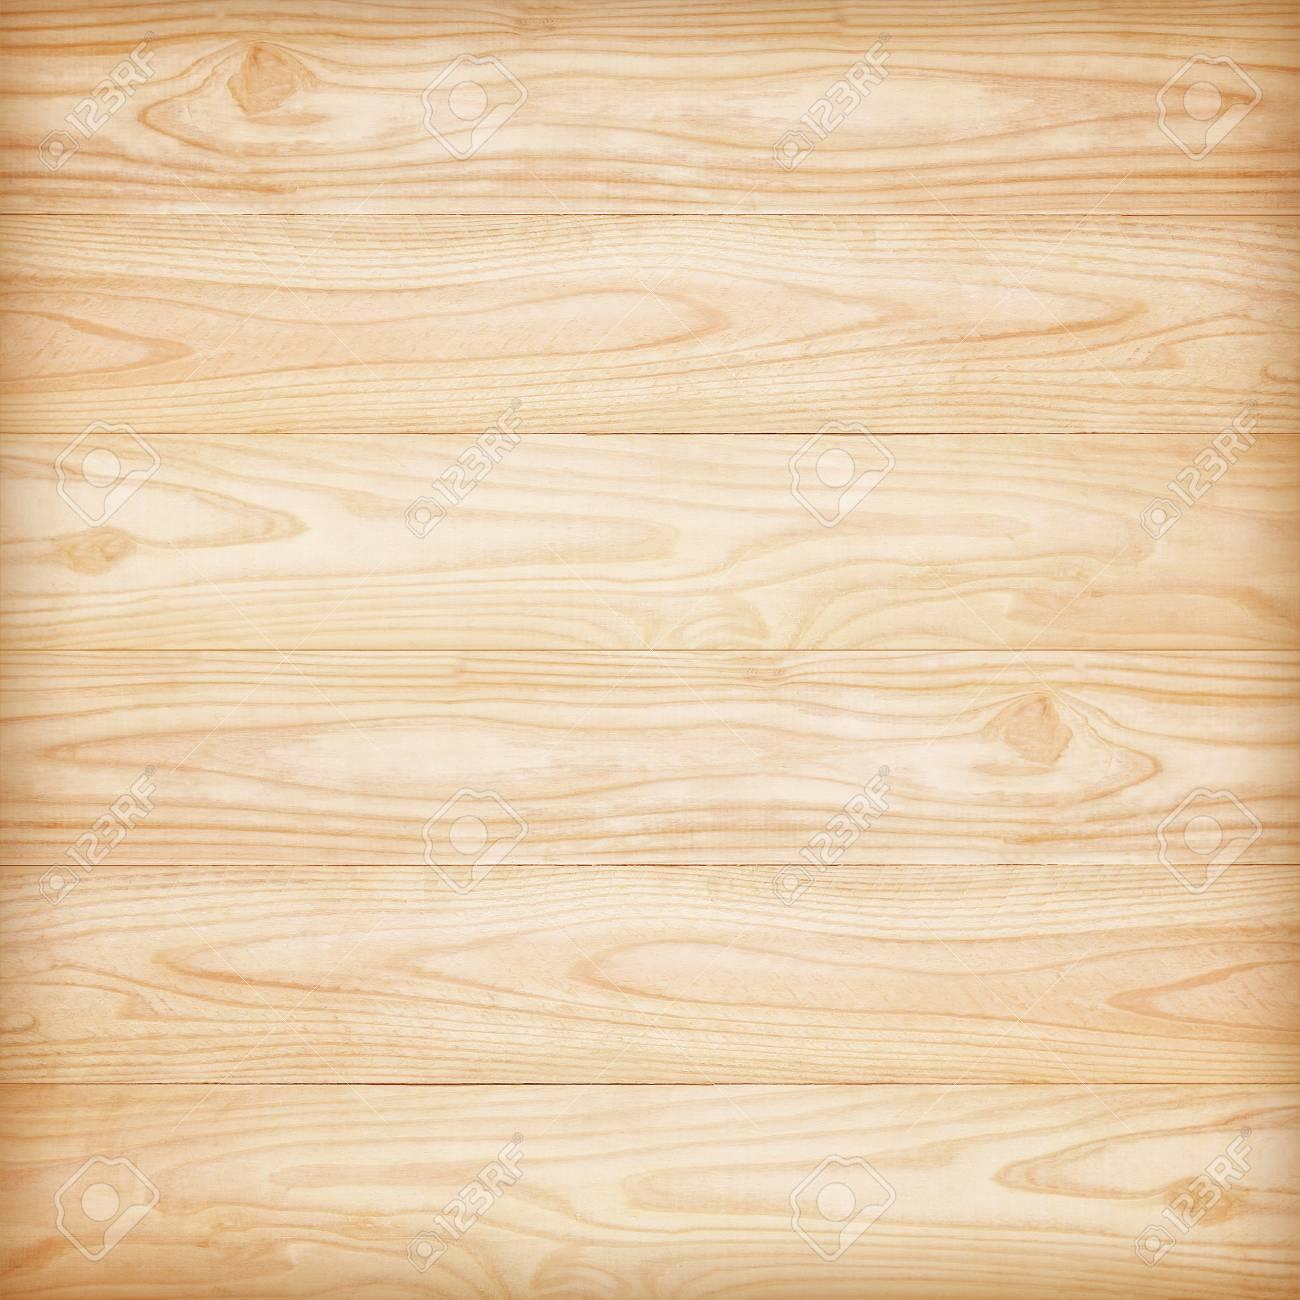 Fondo De La Pared De Madera O De La Textura Patron Natural De La - Pared-de-madera